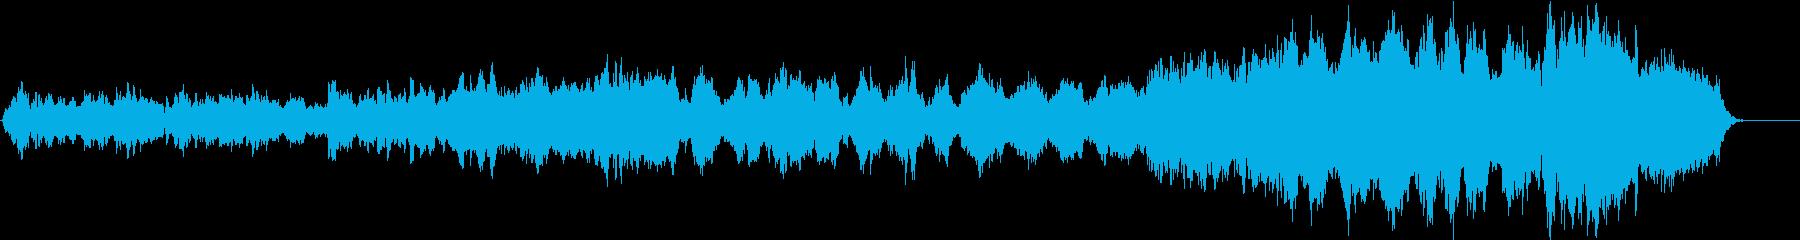 旋律が有名なリアルなオーケストラサウンドの再生済みの波形